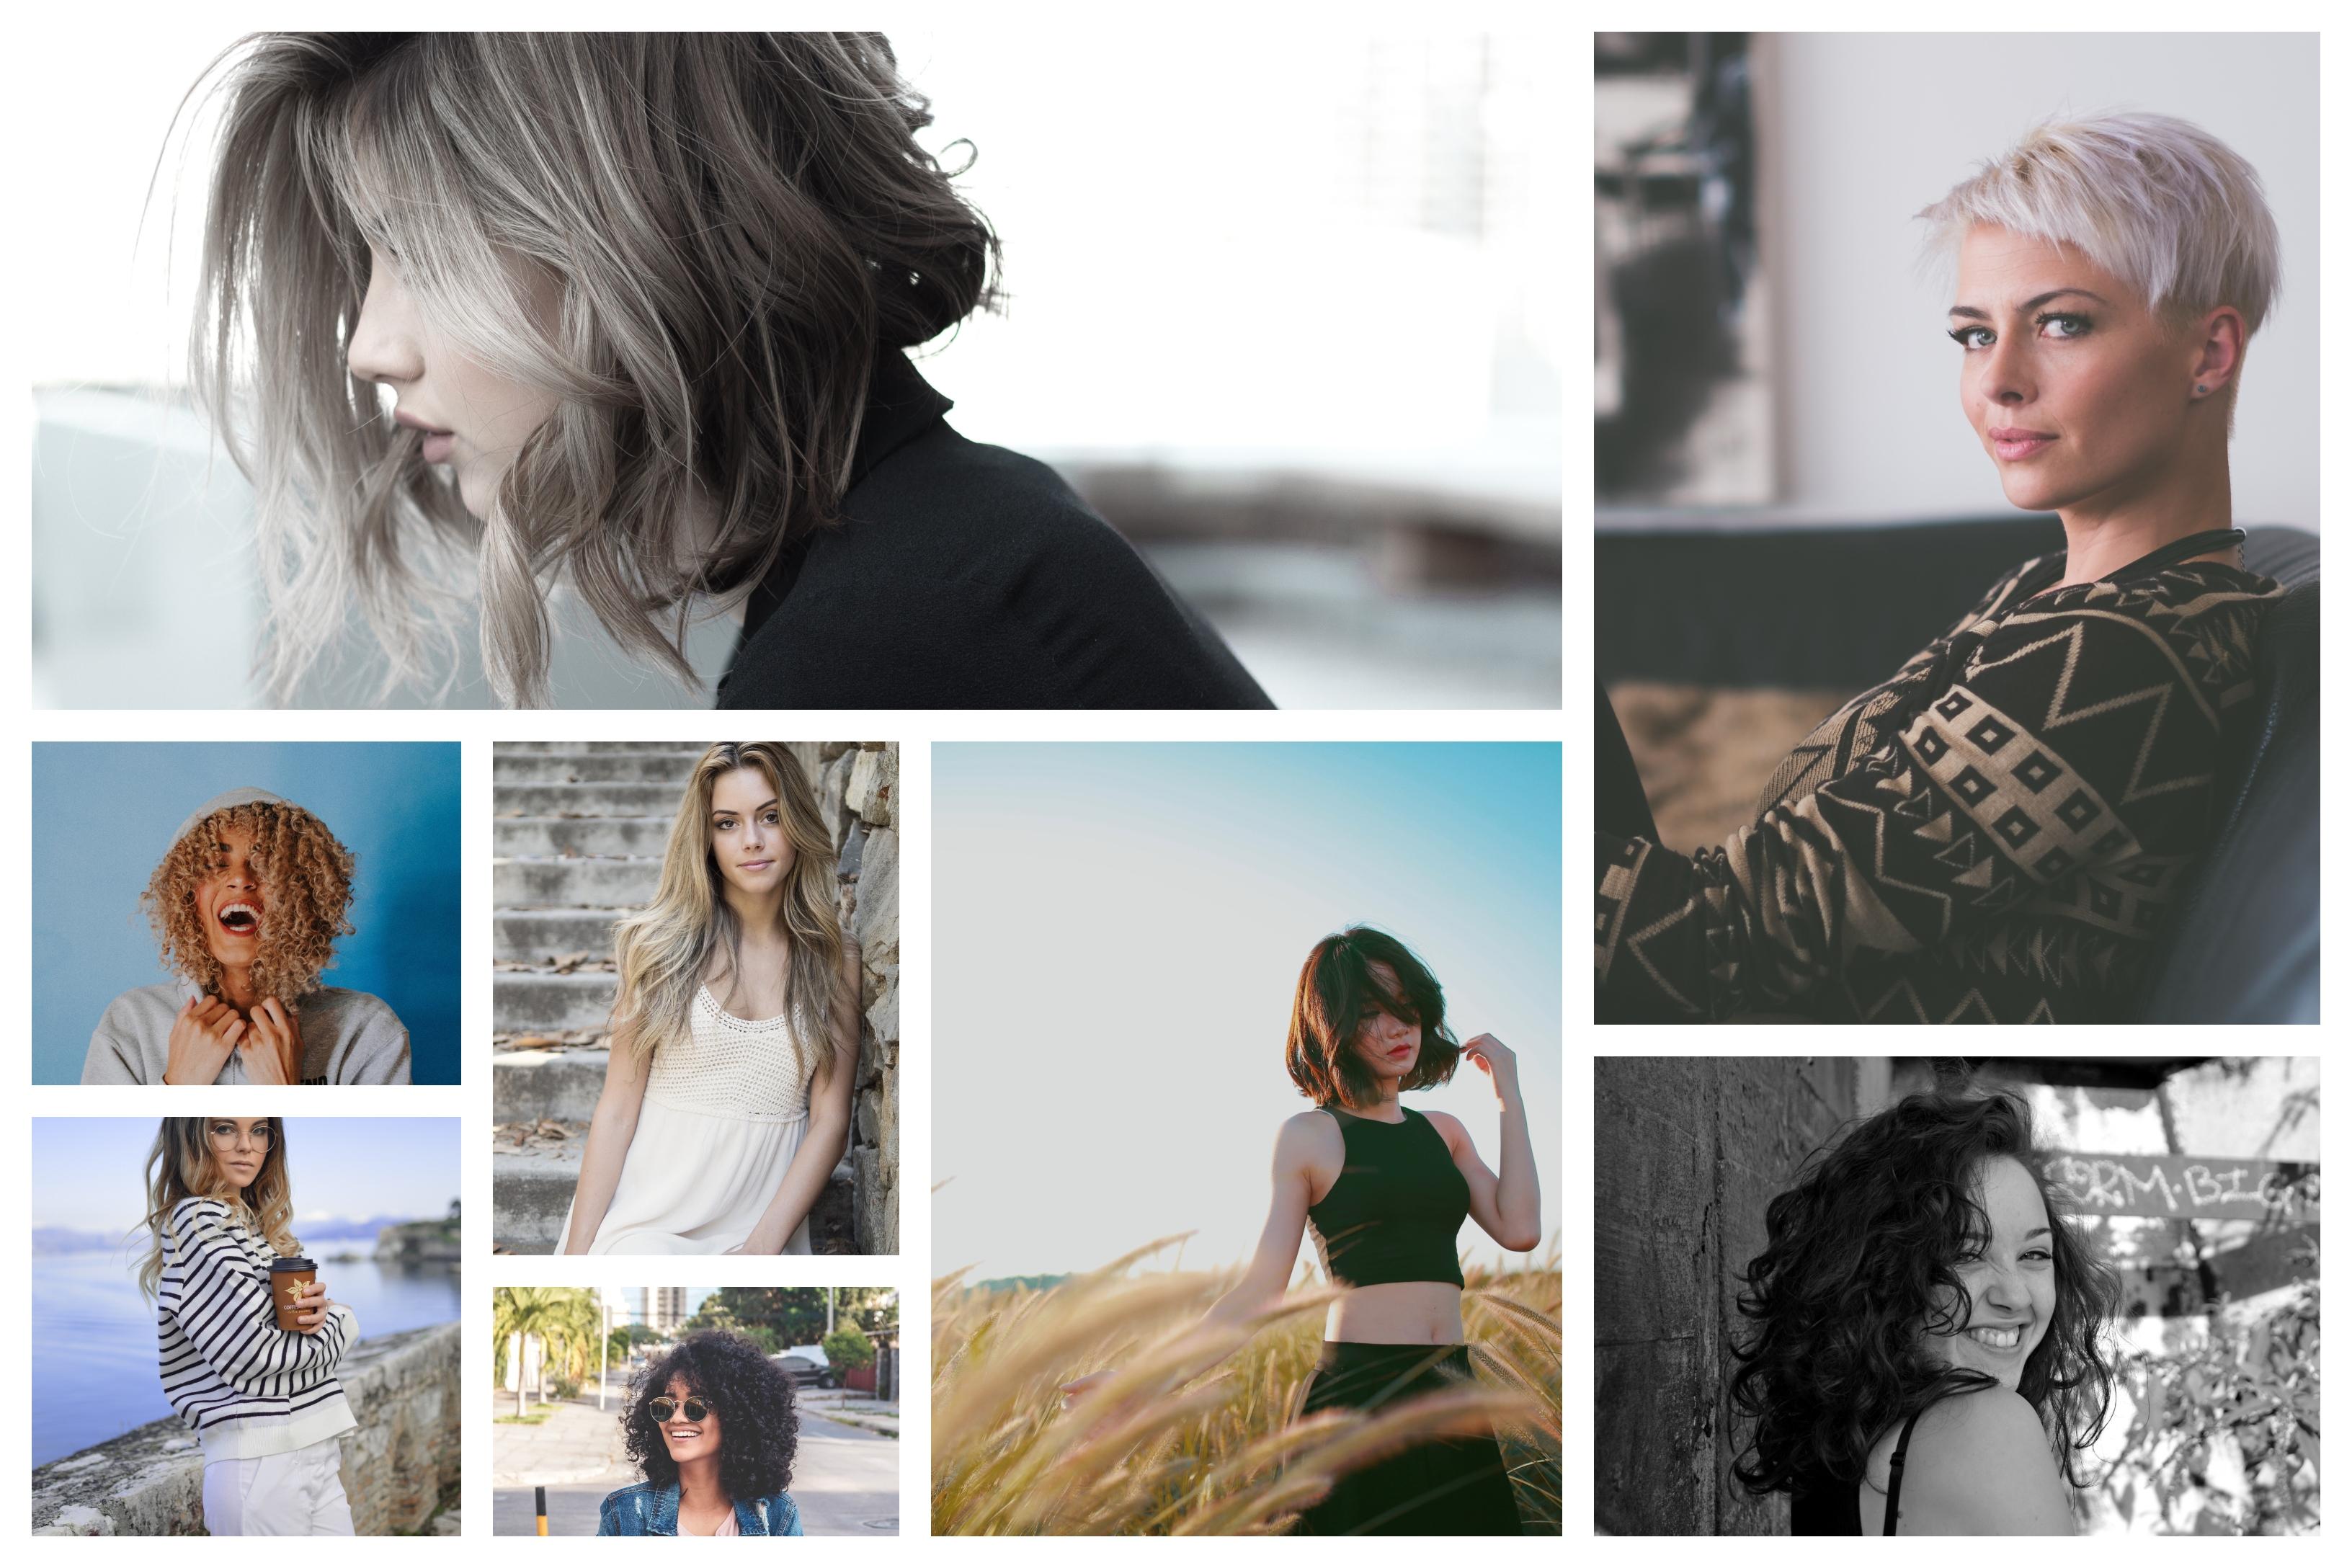 coupe femme mi long, coupe carré dégradé choix de coiffure 2019 tendances, belle chevelure, cheveux courts